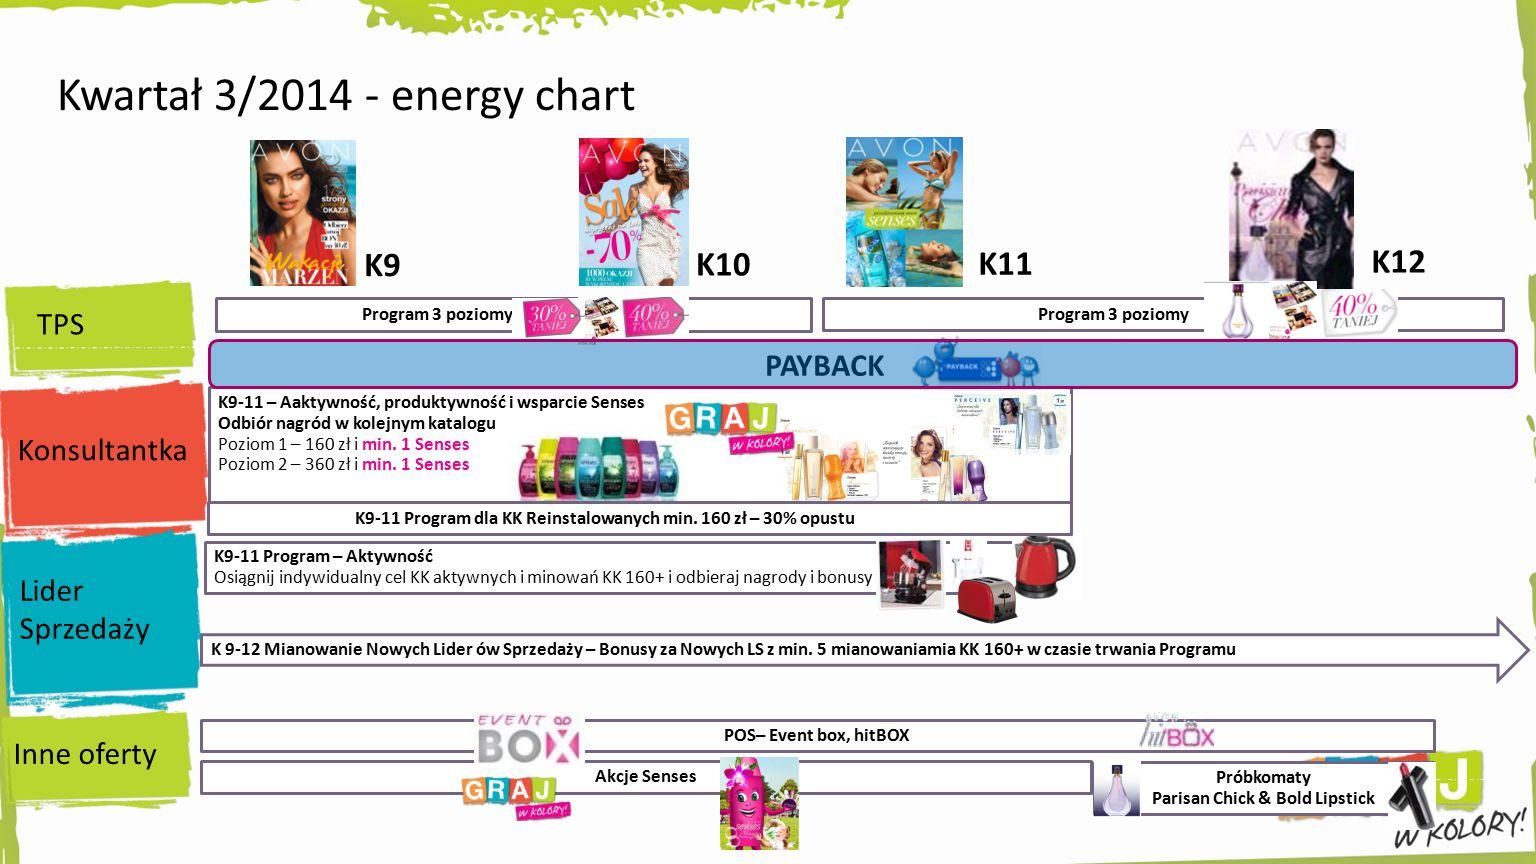 Kwartał 3/2014 - energy chart K9-11 Program – Aktywność Osiągnij indywidualny cel KK aktywnych i minowań KK 160+ i odbieraj nagrody i bonusy Program 3 poziomy K9-11 – Aaktywność, produktywność i wsparcie Senses Odbiór nagród w kolejnym katalogu Poziom 1 – 160 zł i min.